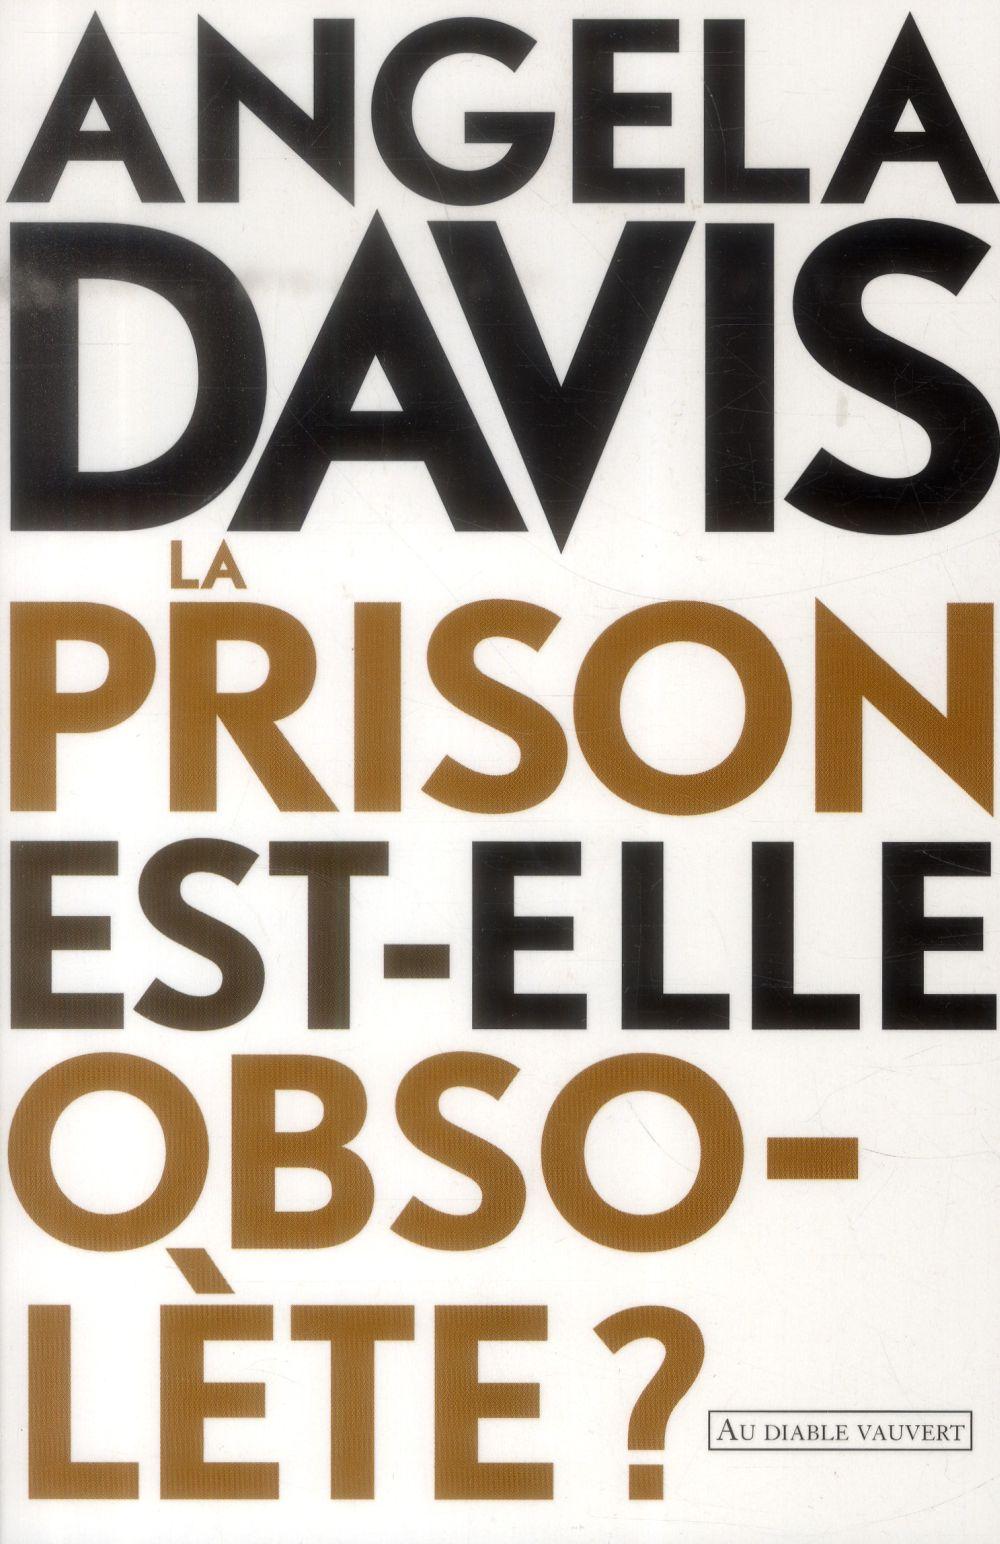 LA PRISON EST-ELLE OBSOLETE ?